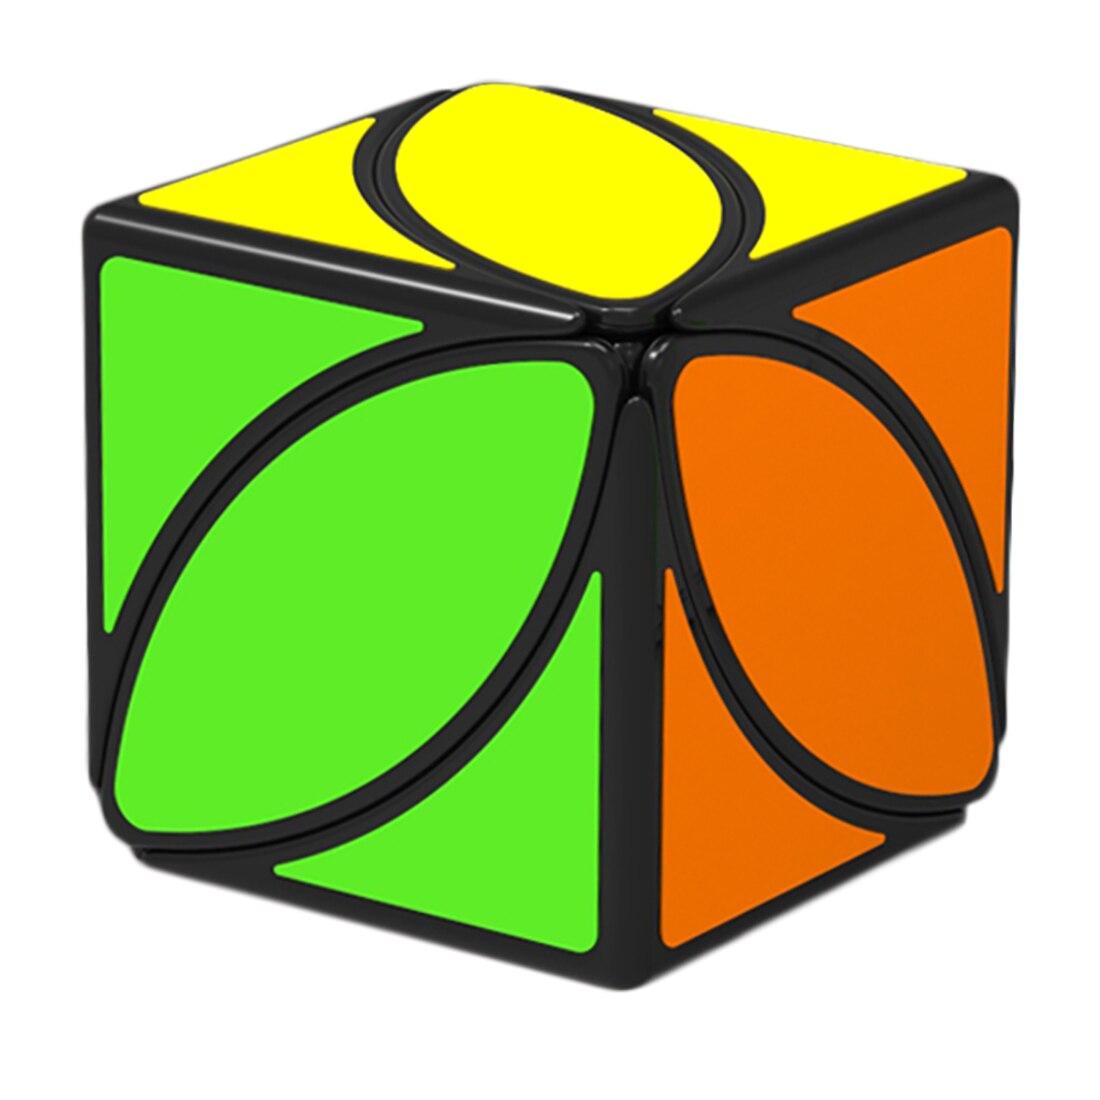 Новое Поступление QiYi Mofangge Плющ Куб Первый Twist Кубики Листьев Линии Логические Magic Cube Развивающие Игрушки cubo magico